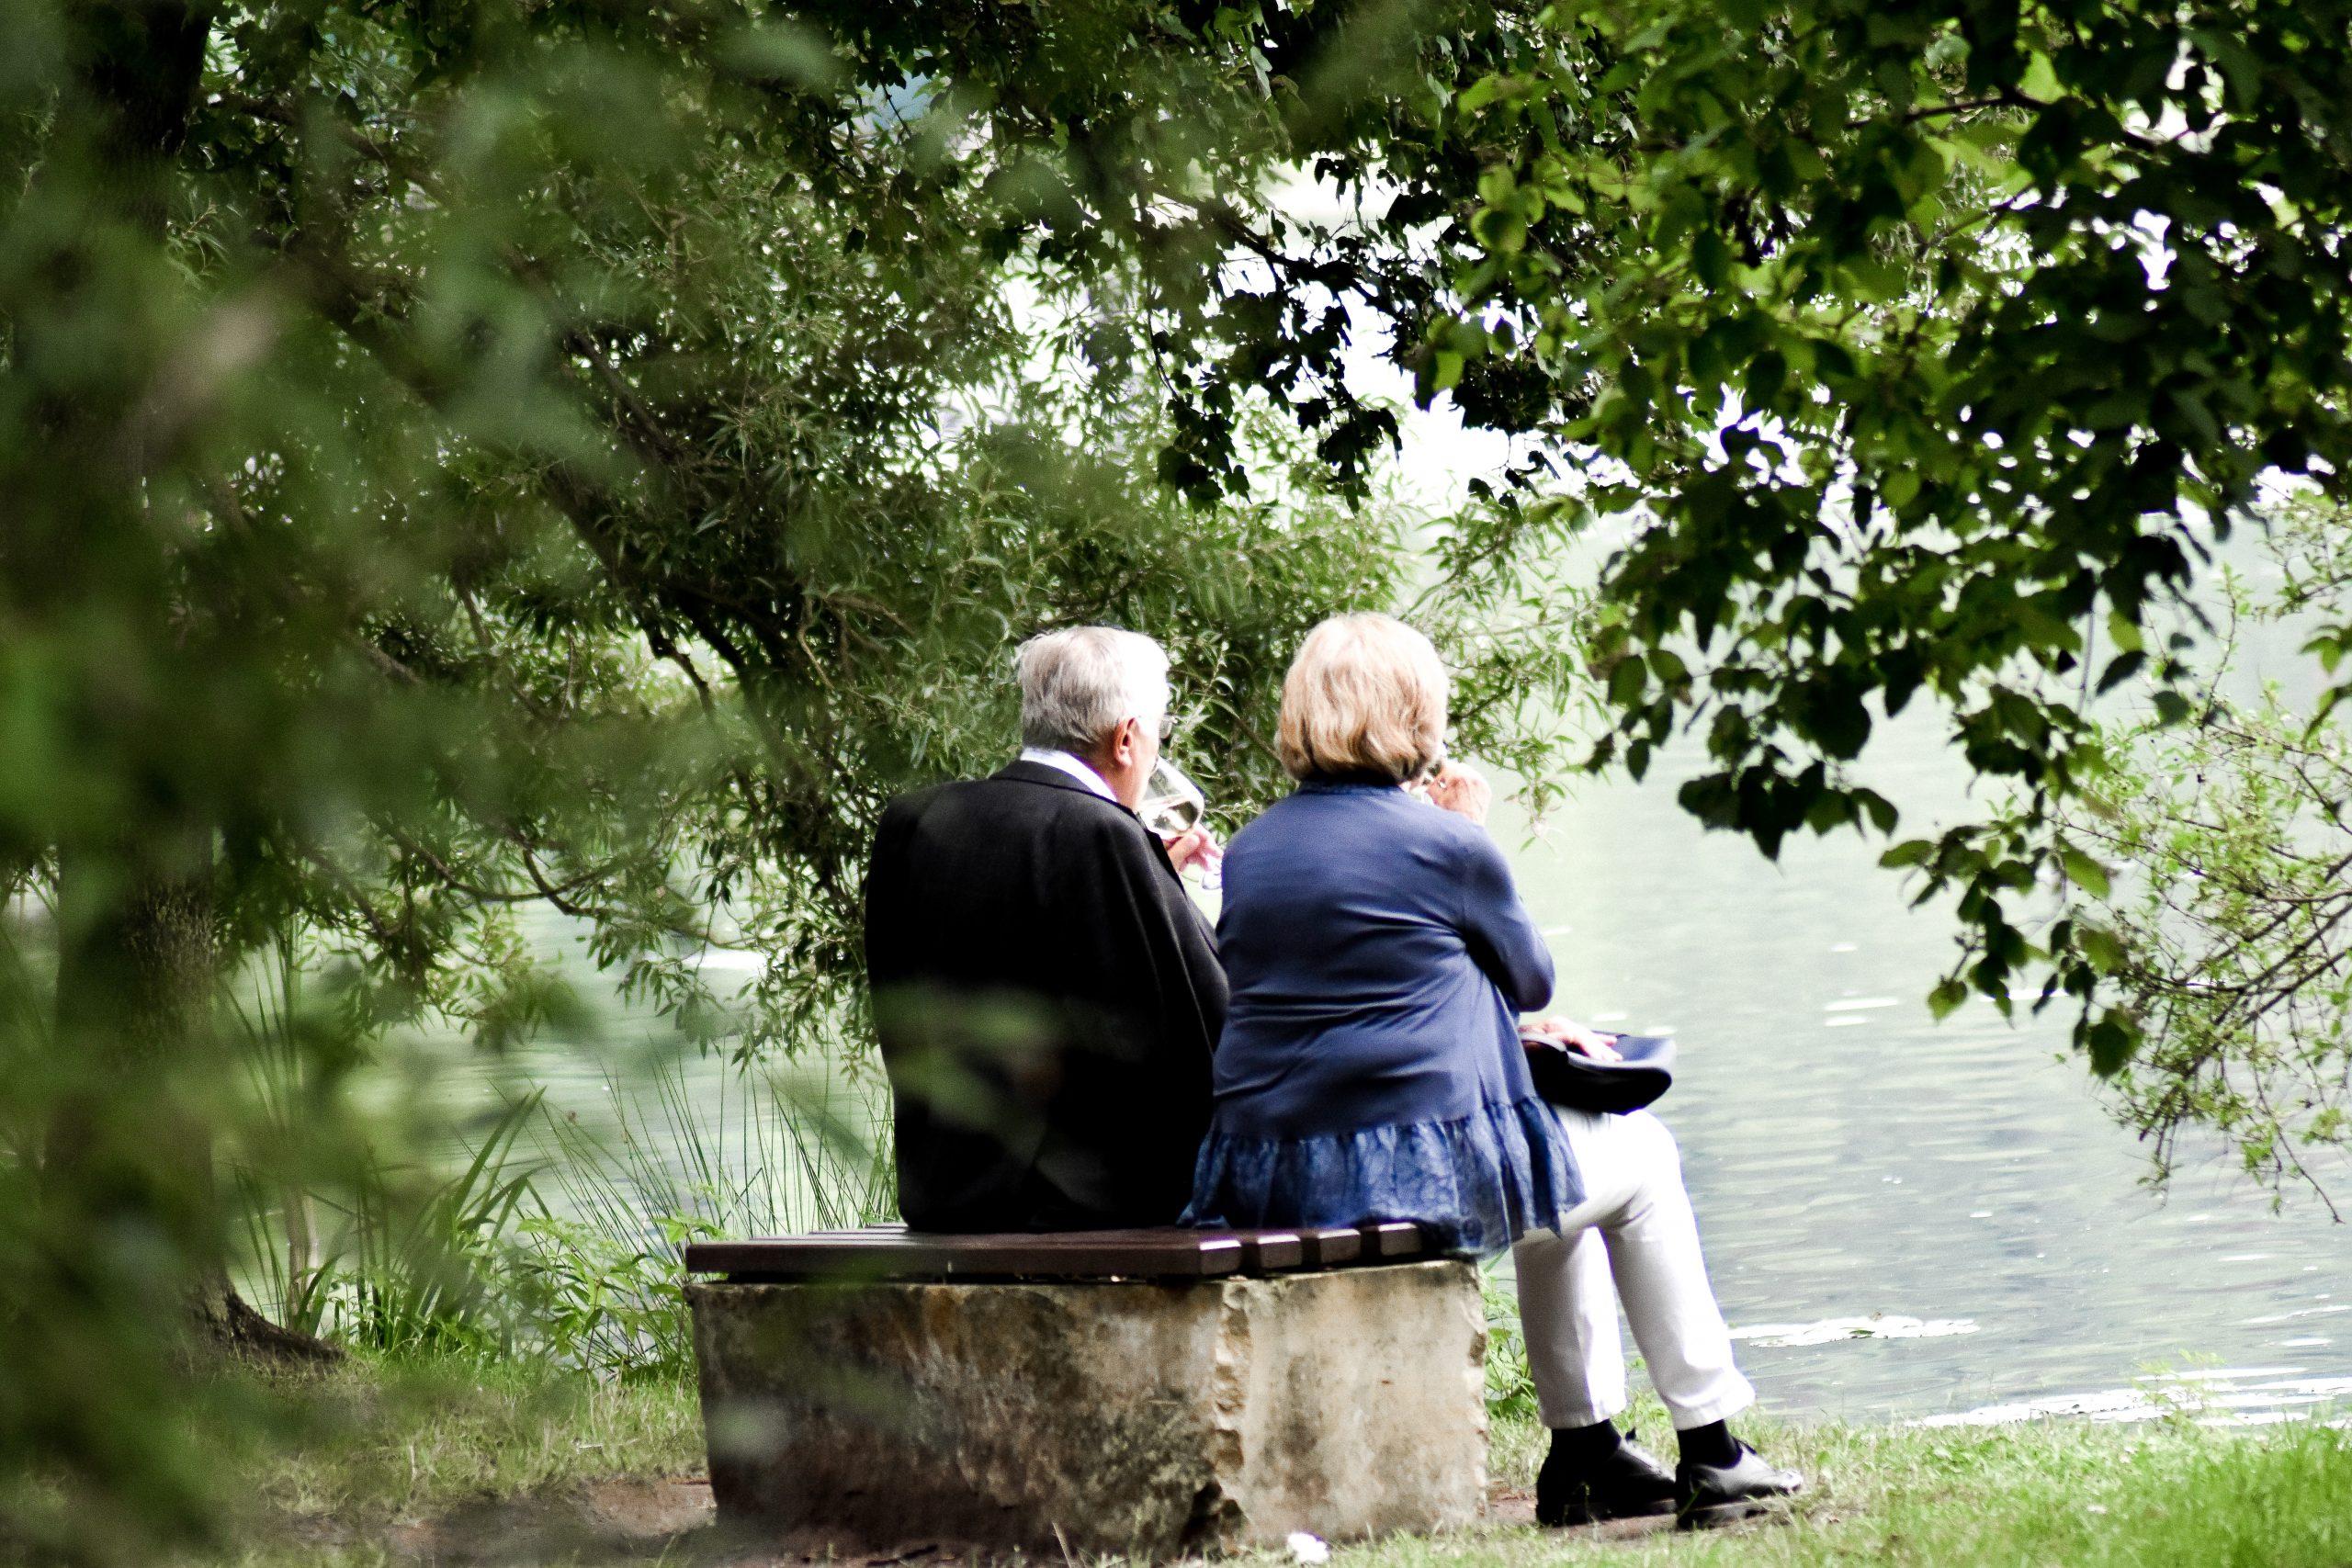 zwei Rentner*innen auf einer Bank